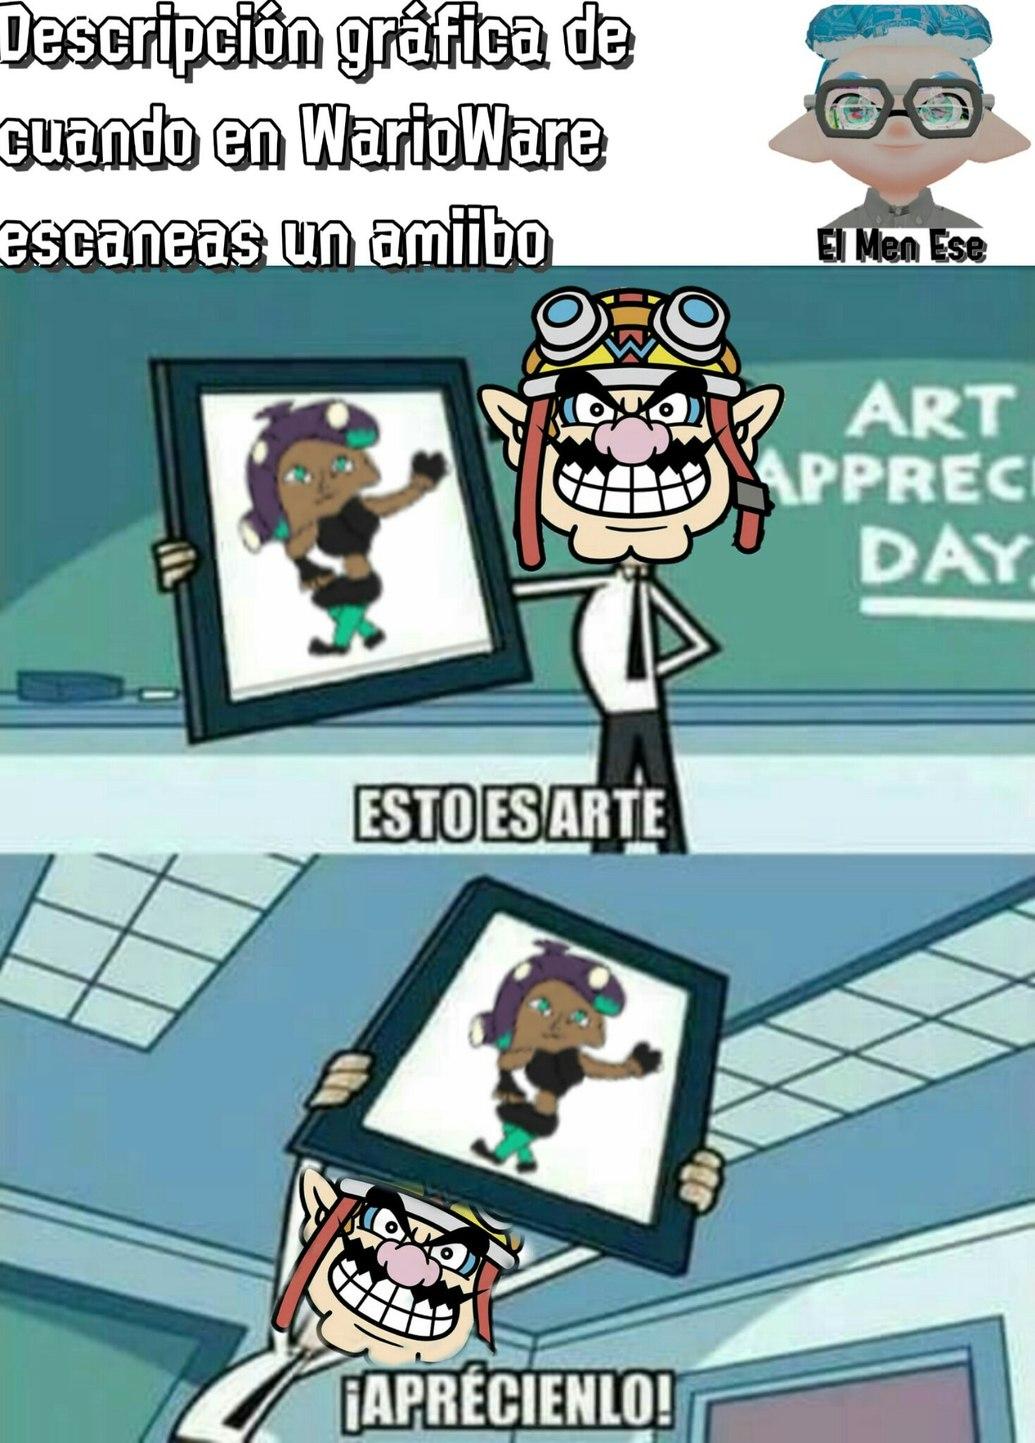 Para quien no entienda, en WarioWare cuando escaneas un Amiibo, Wario hace un dibujo del personaje - meme